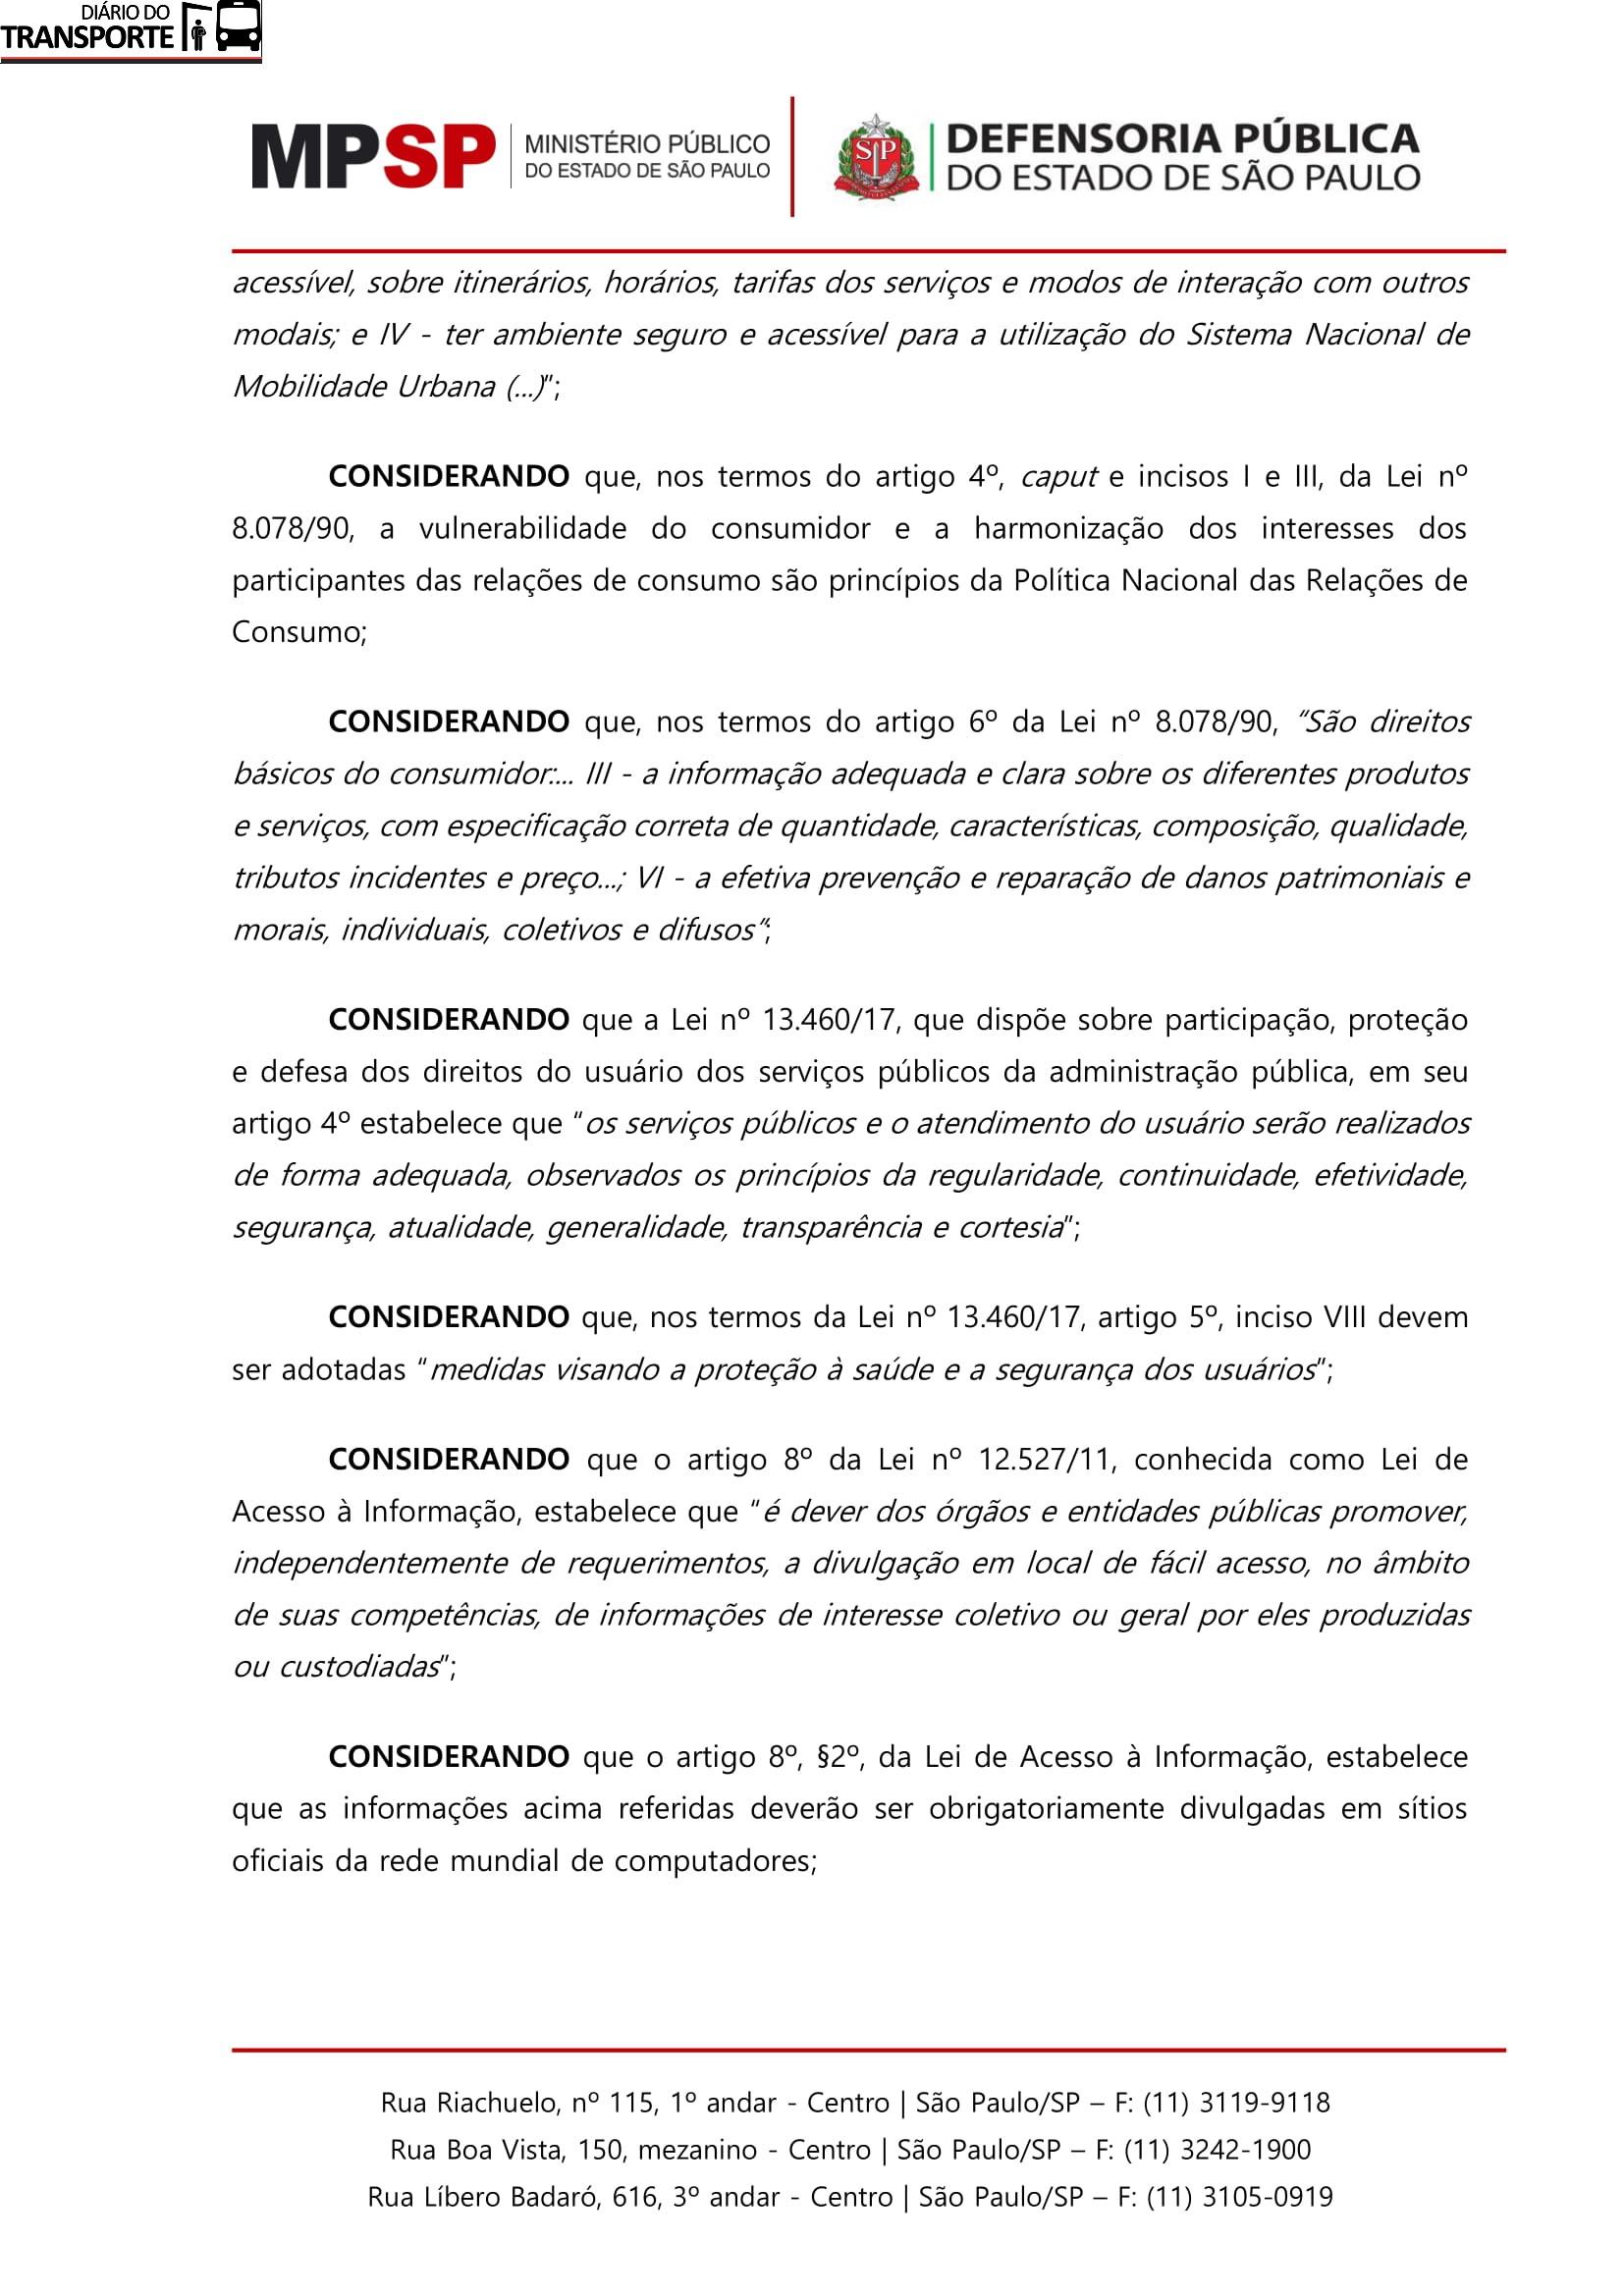 recomendação transporte_CPTM-04